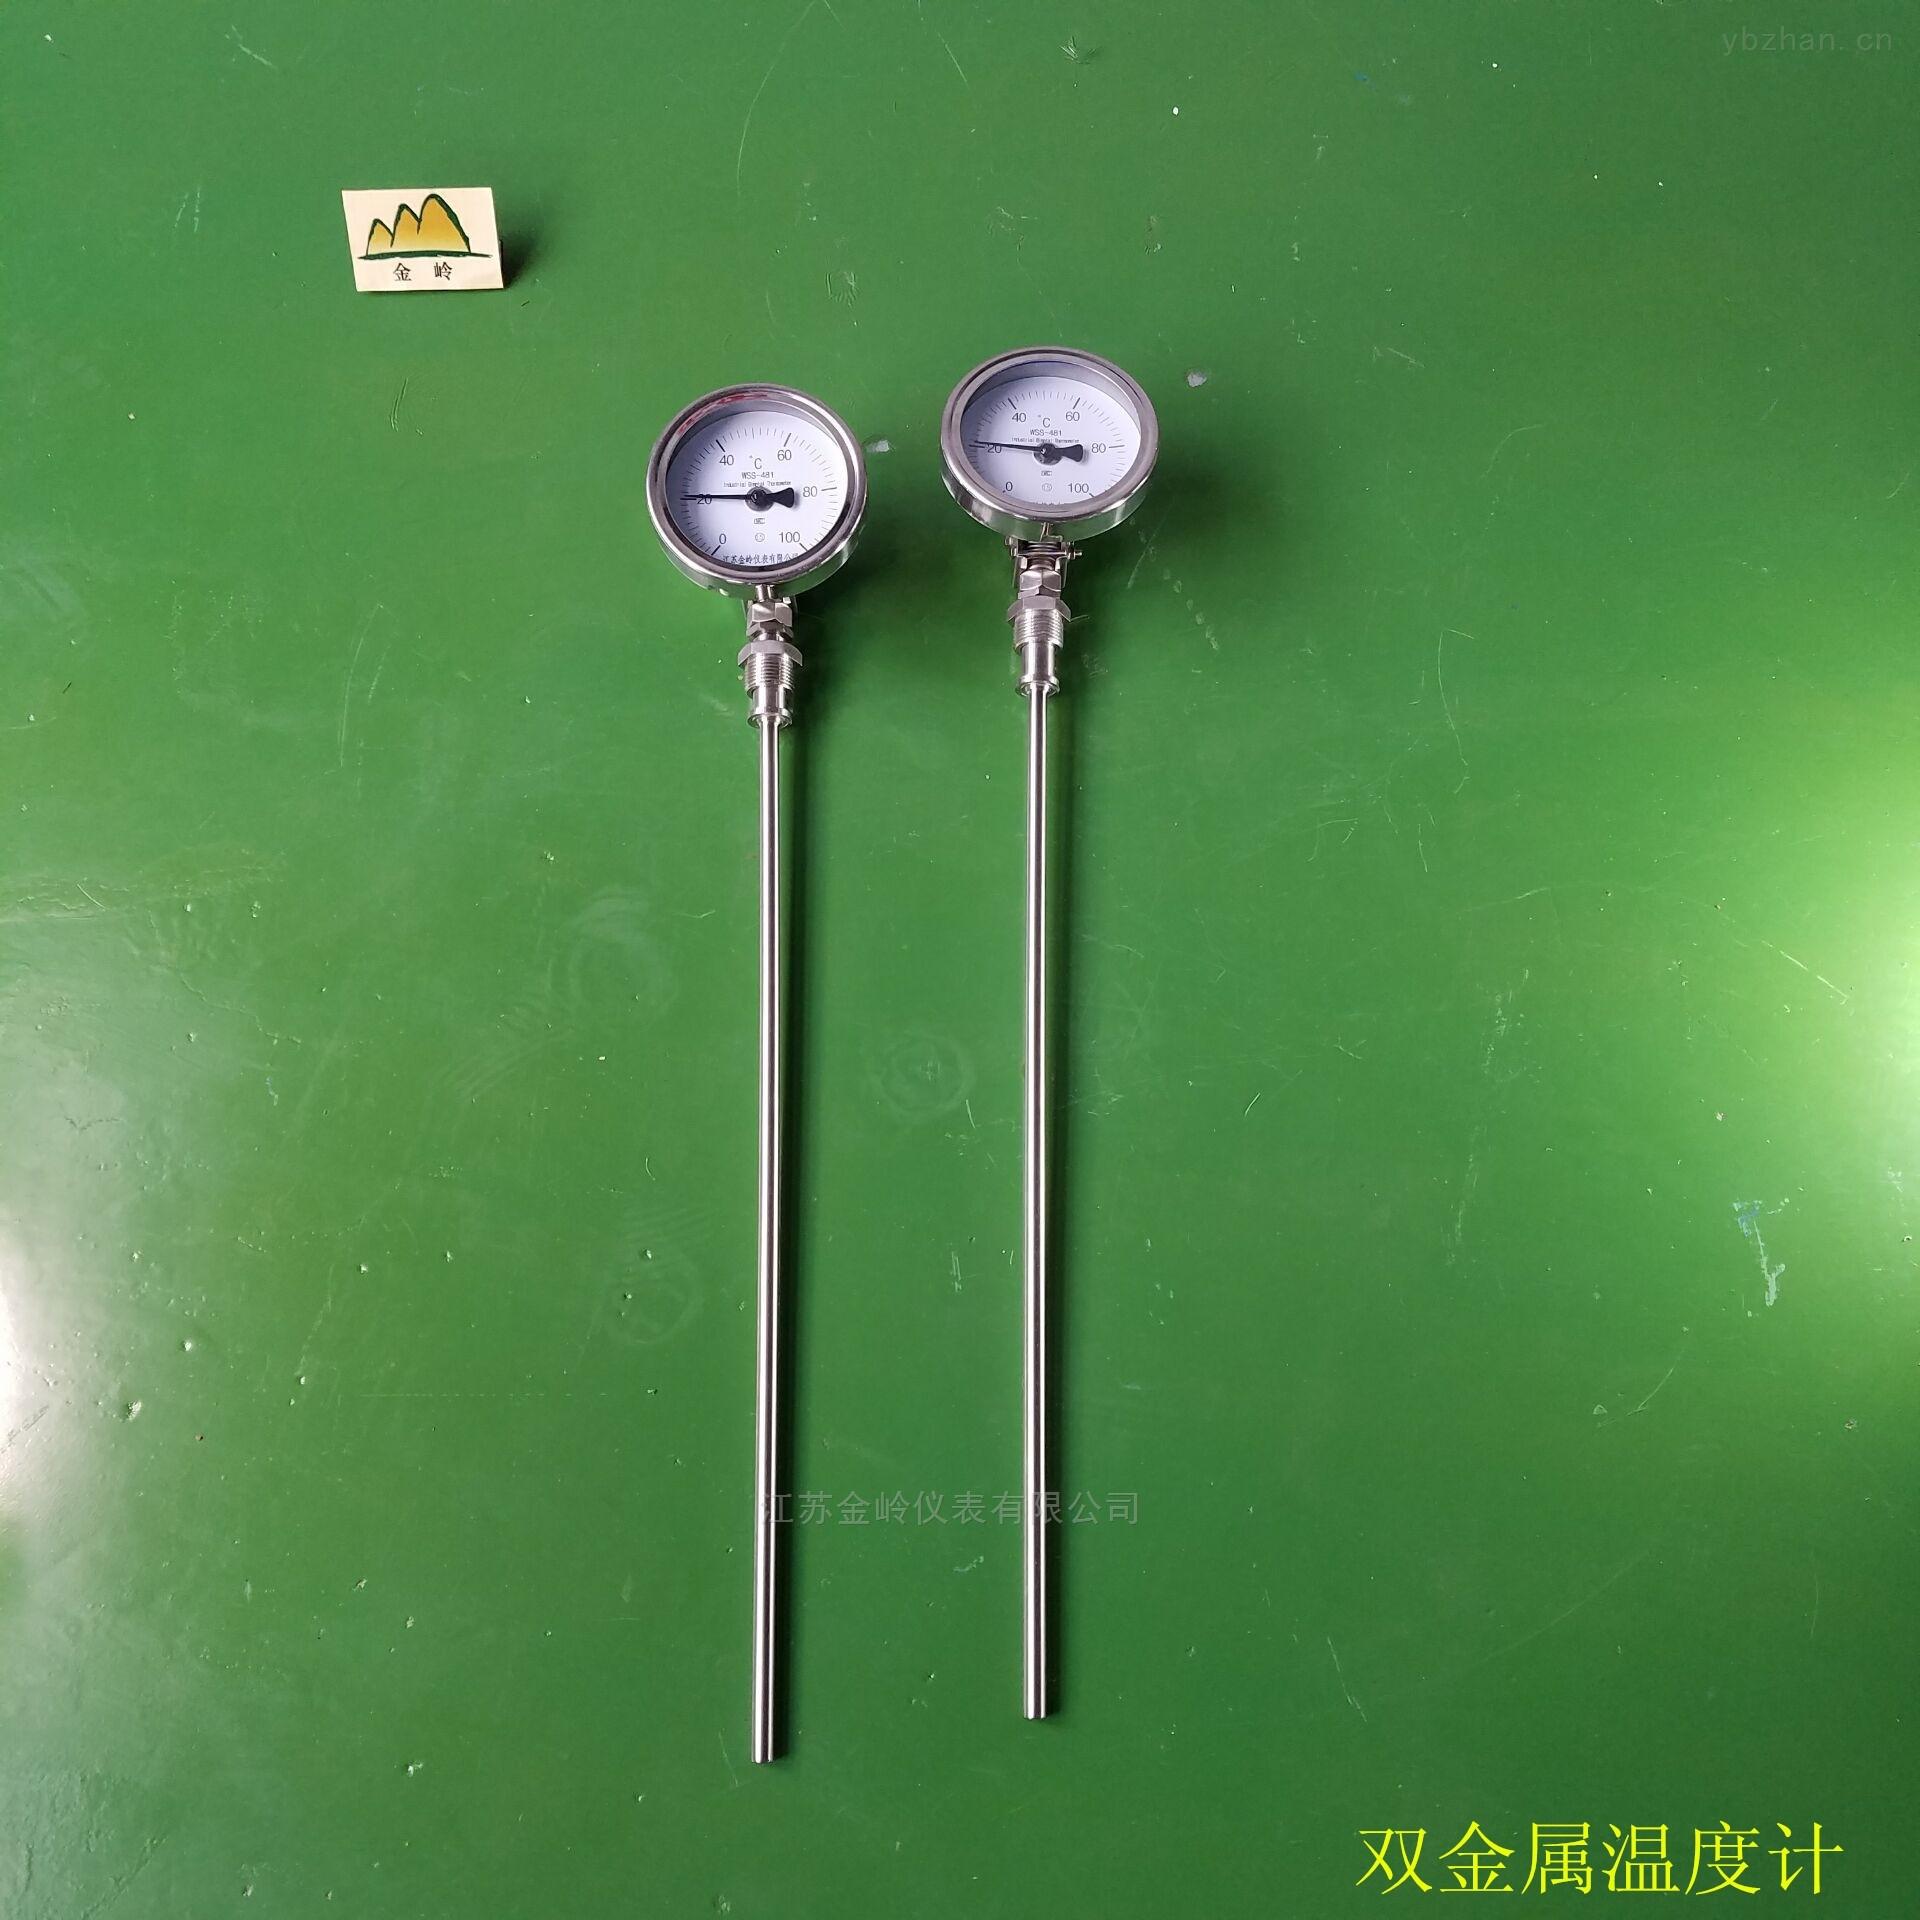 雙金屬溫度計1